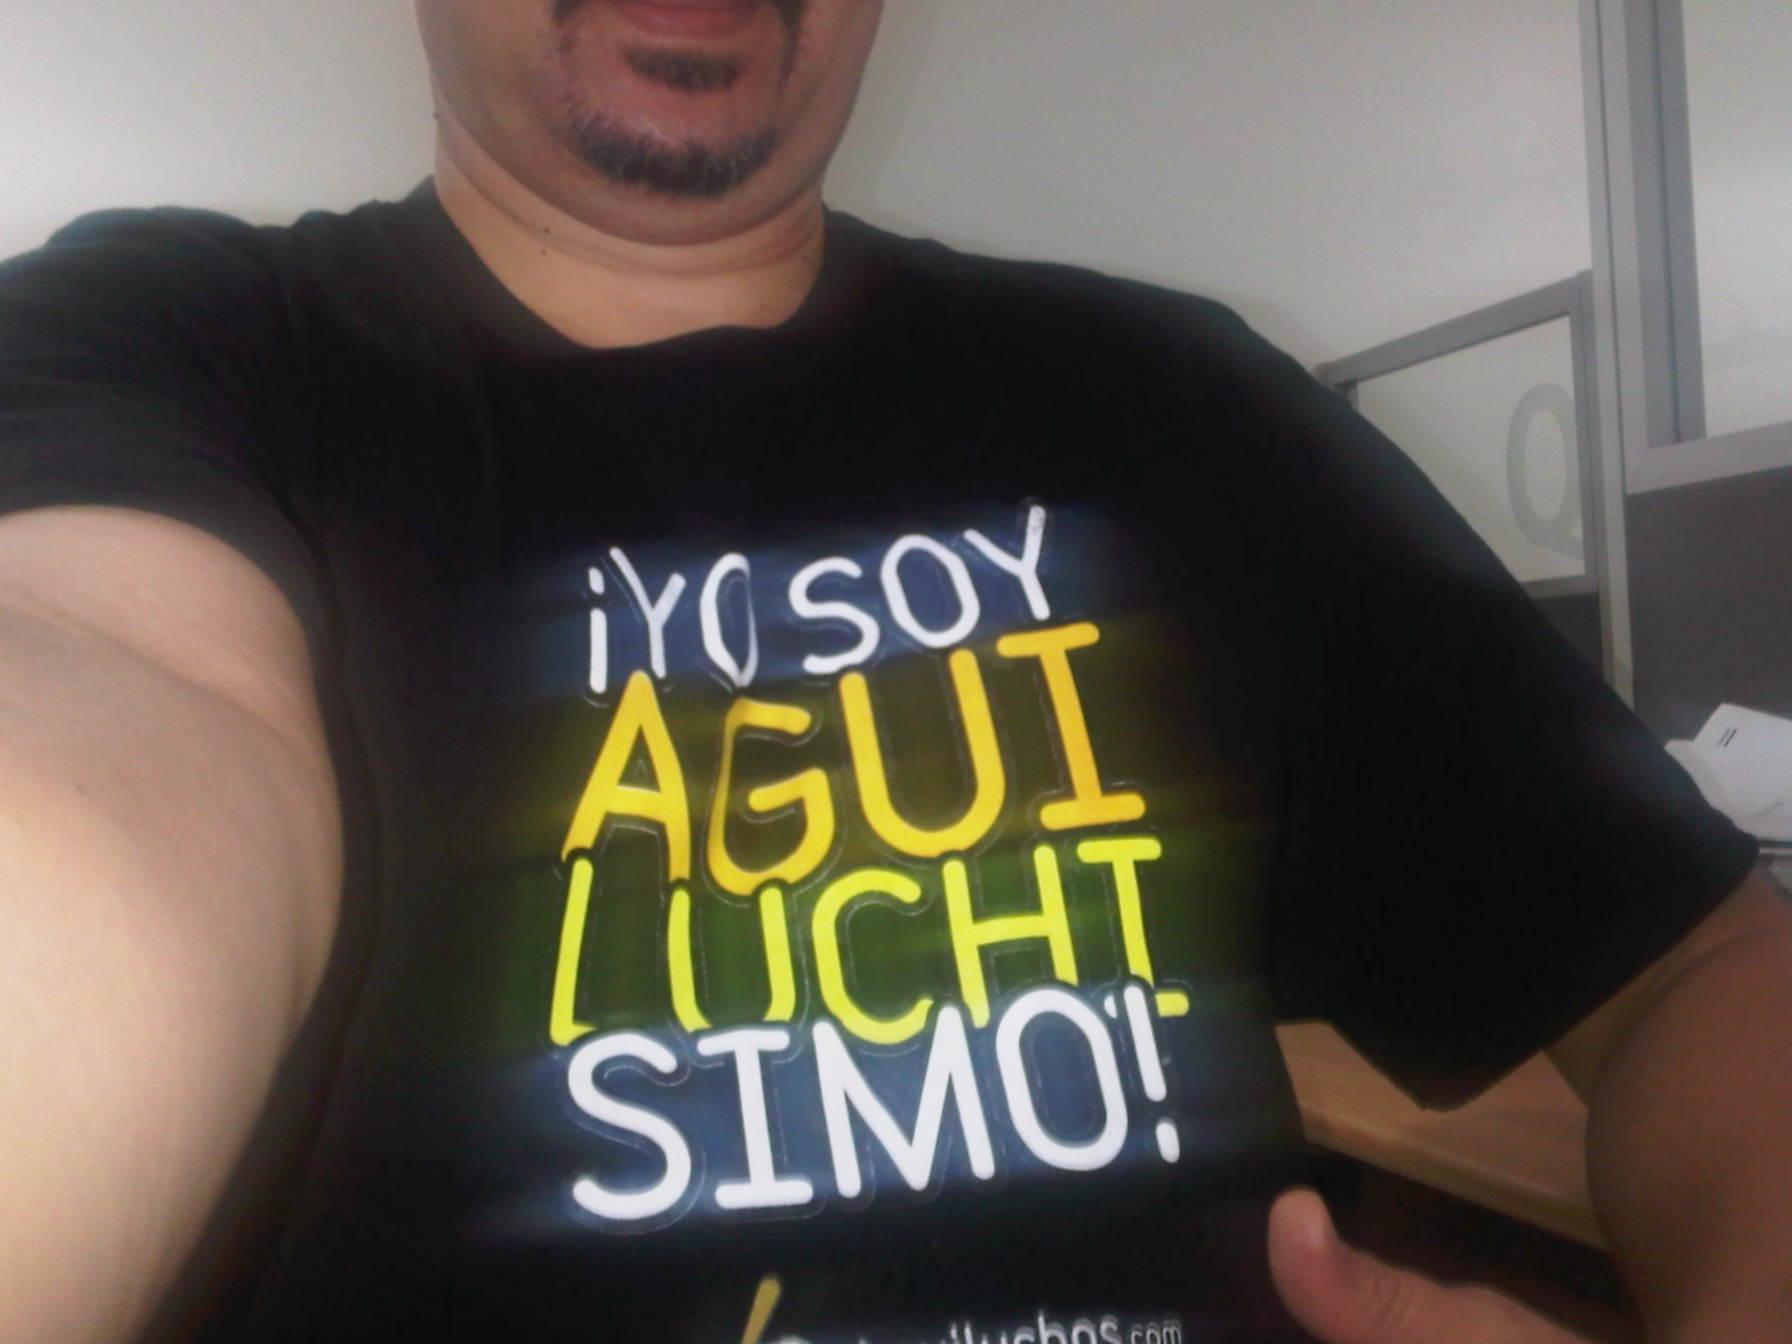 YoSoyAguiluchisimo